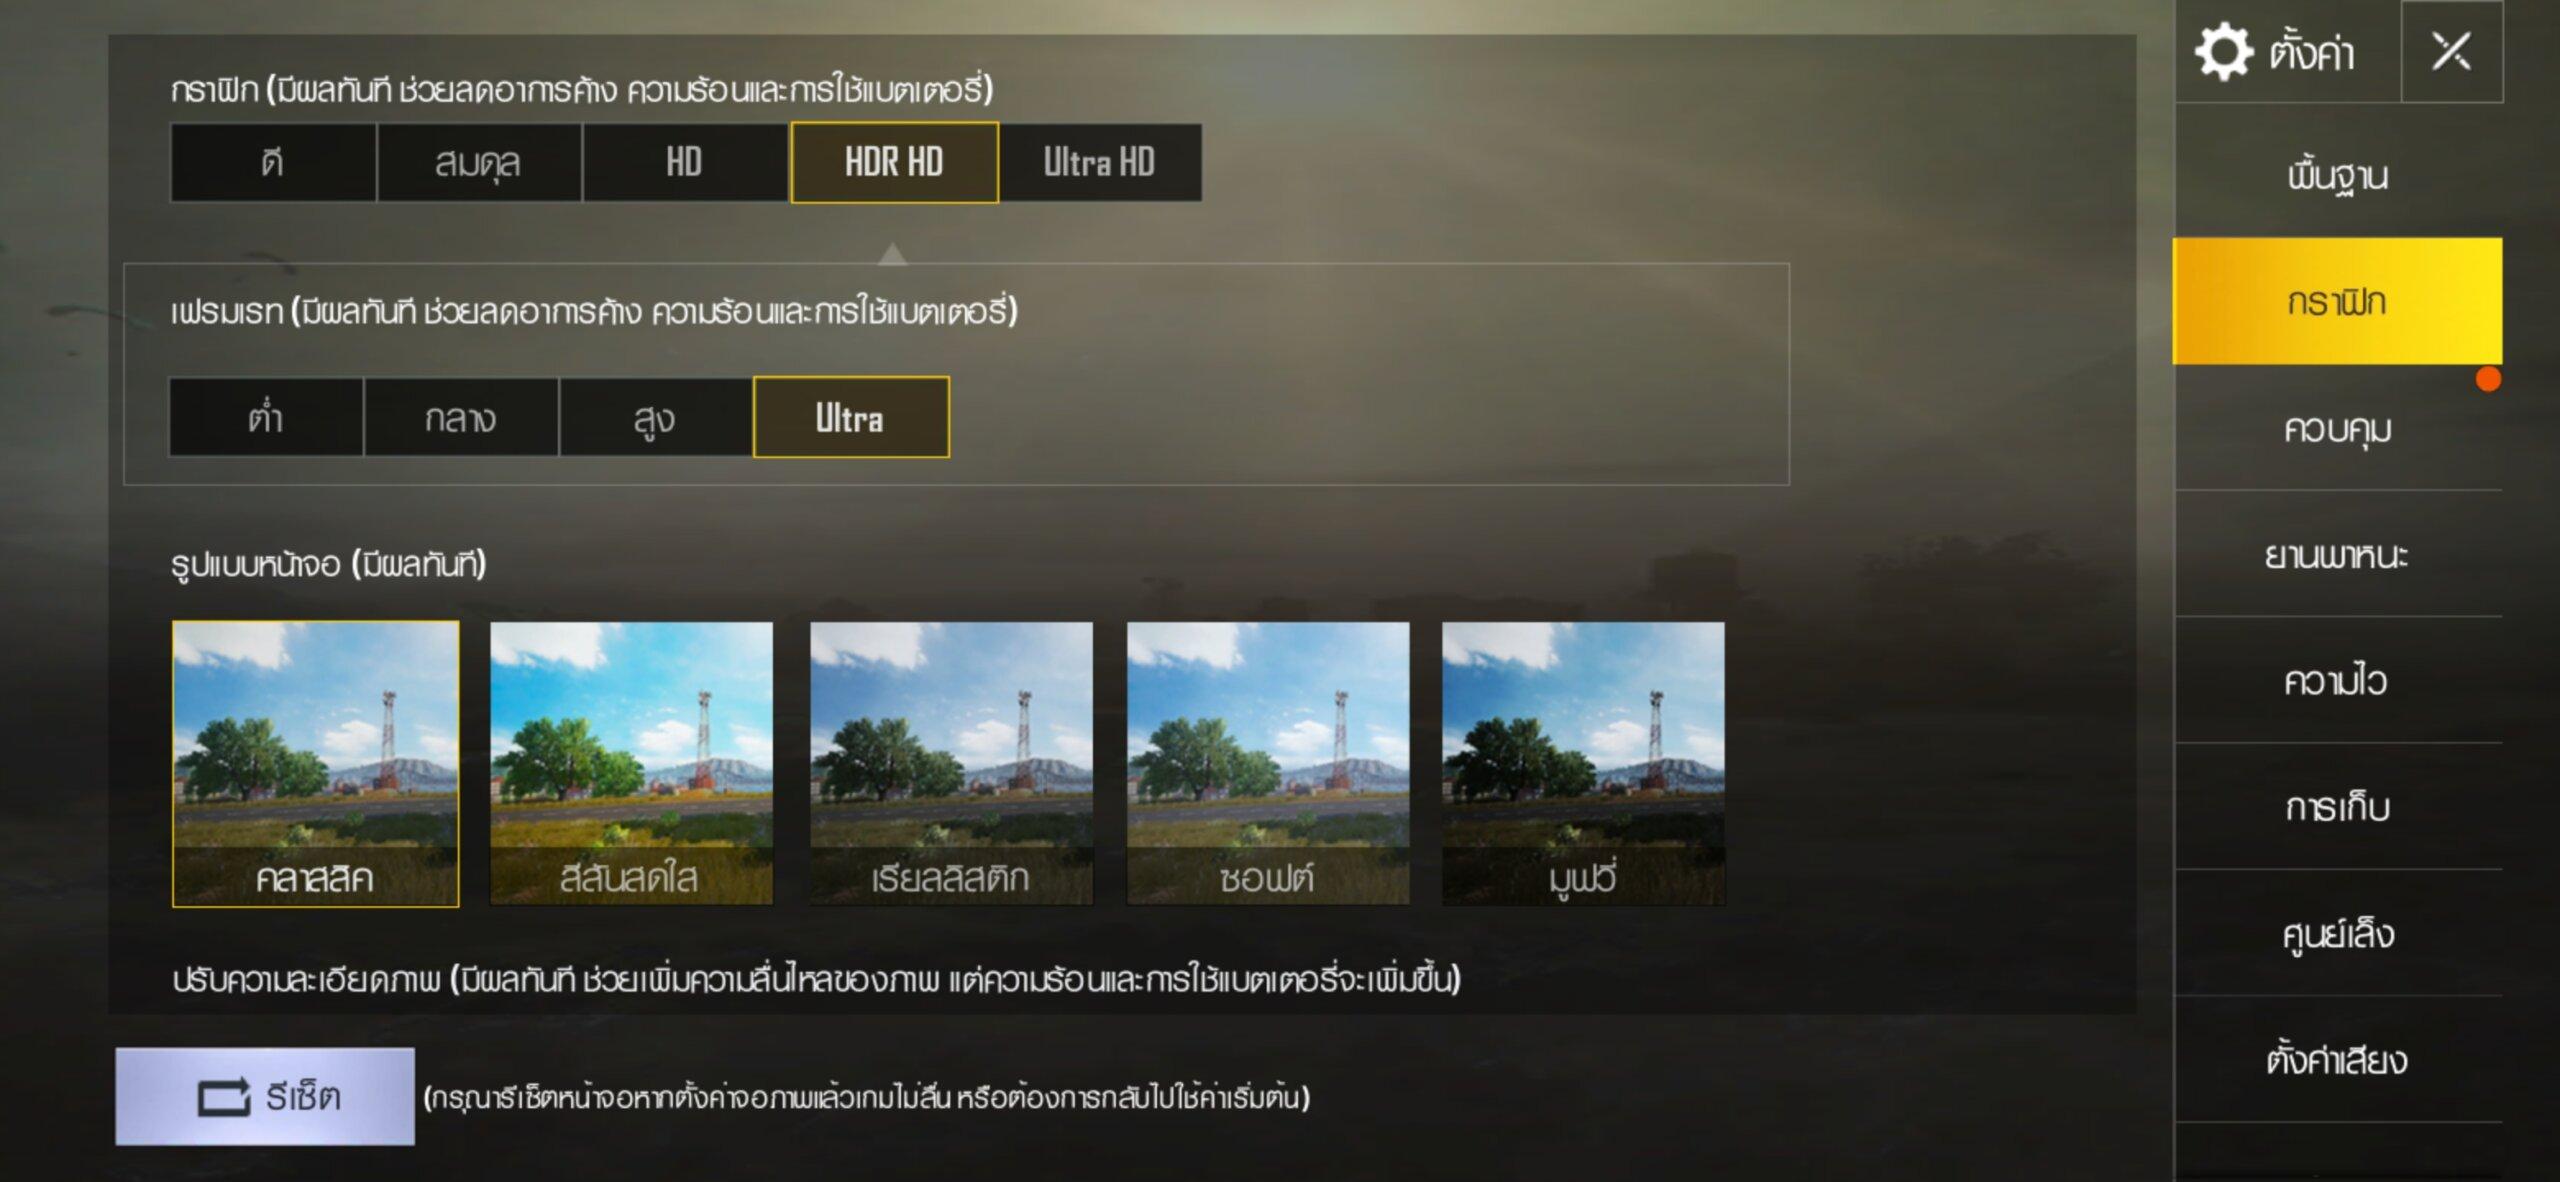 Screenshot 20190610 003811 scaled